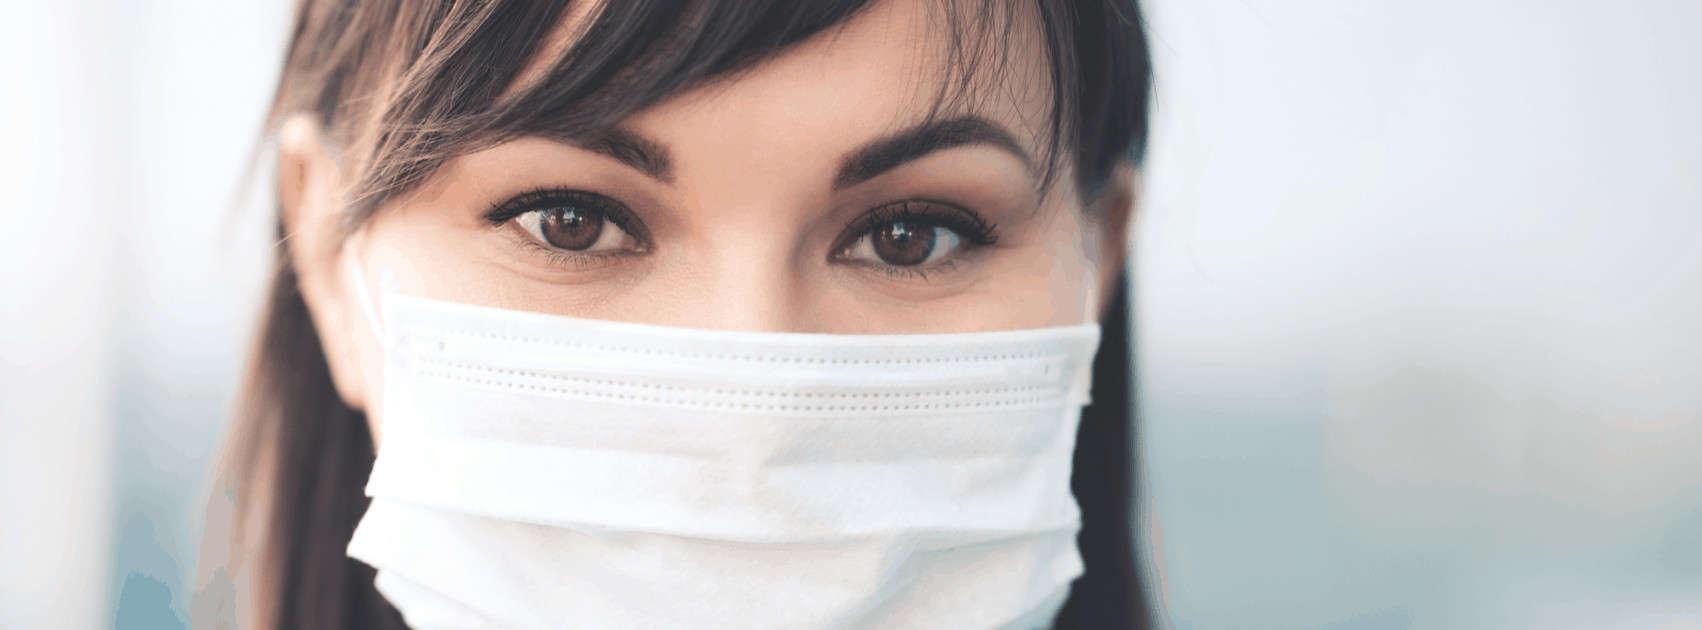 vrouw met mondmasker